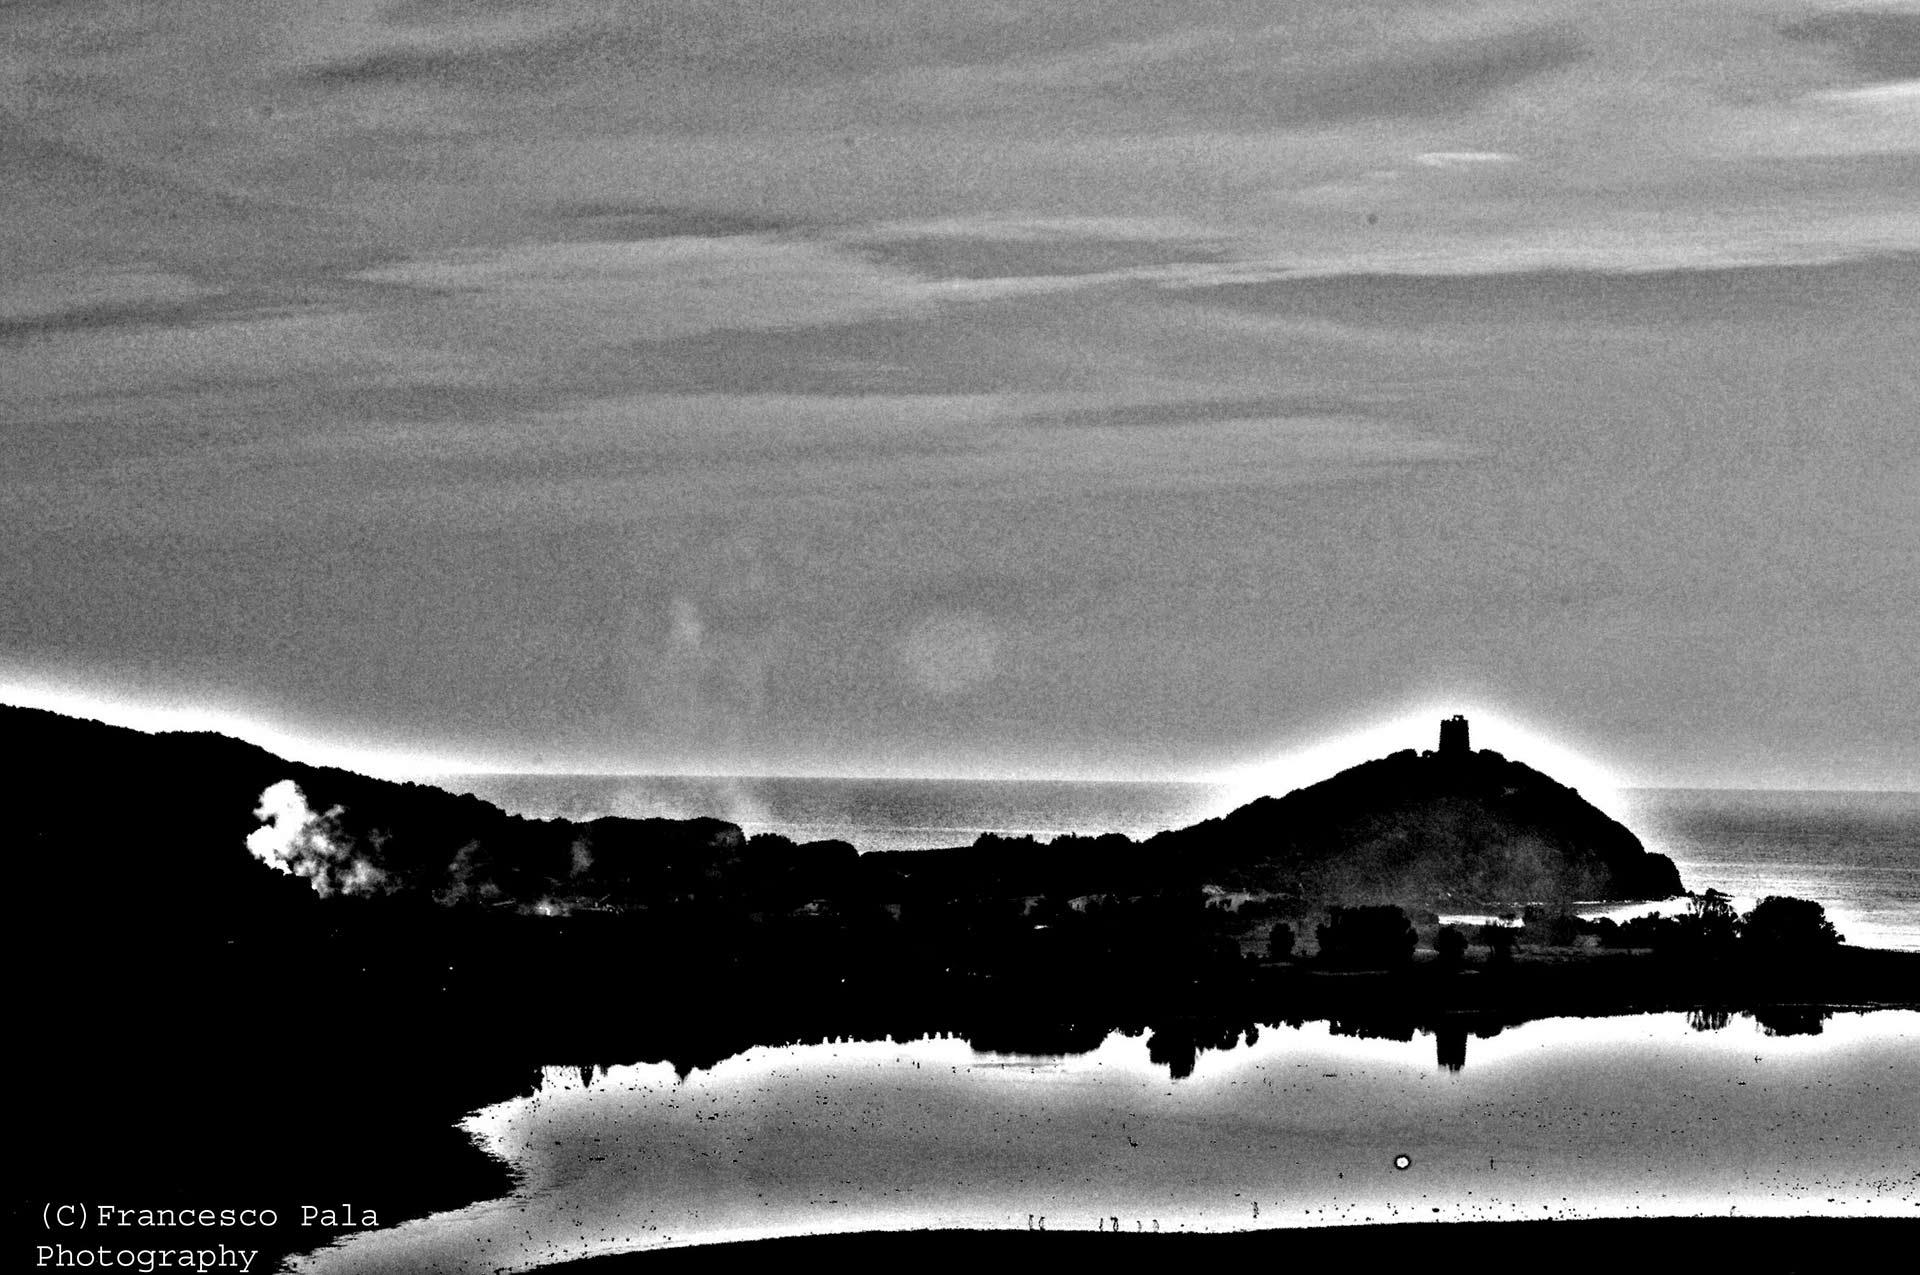 L'isola del Silenzio, Chia Laguna 2013